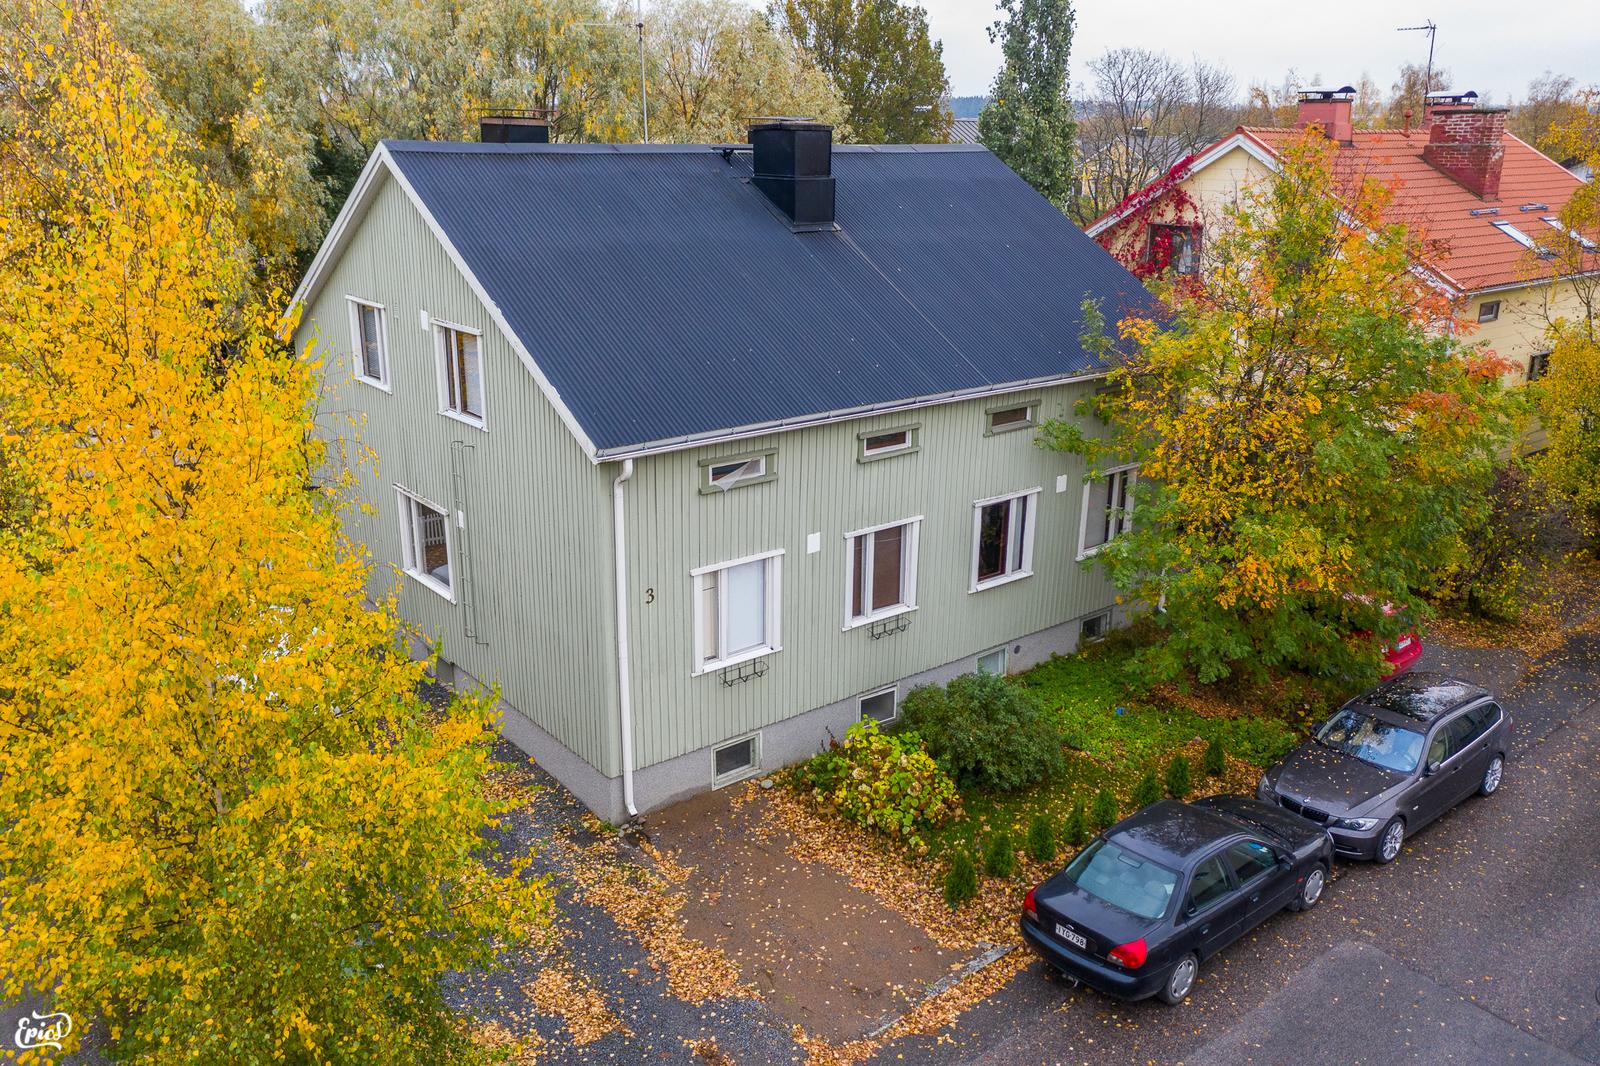 Härmälä, Tampere